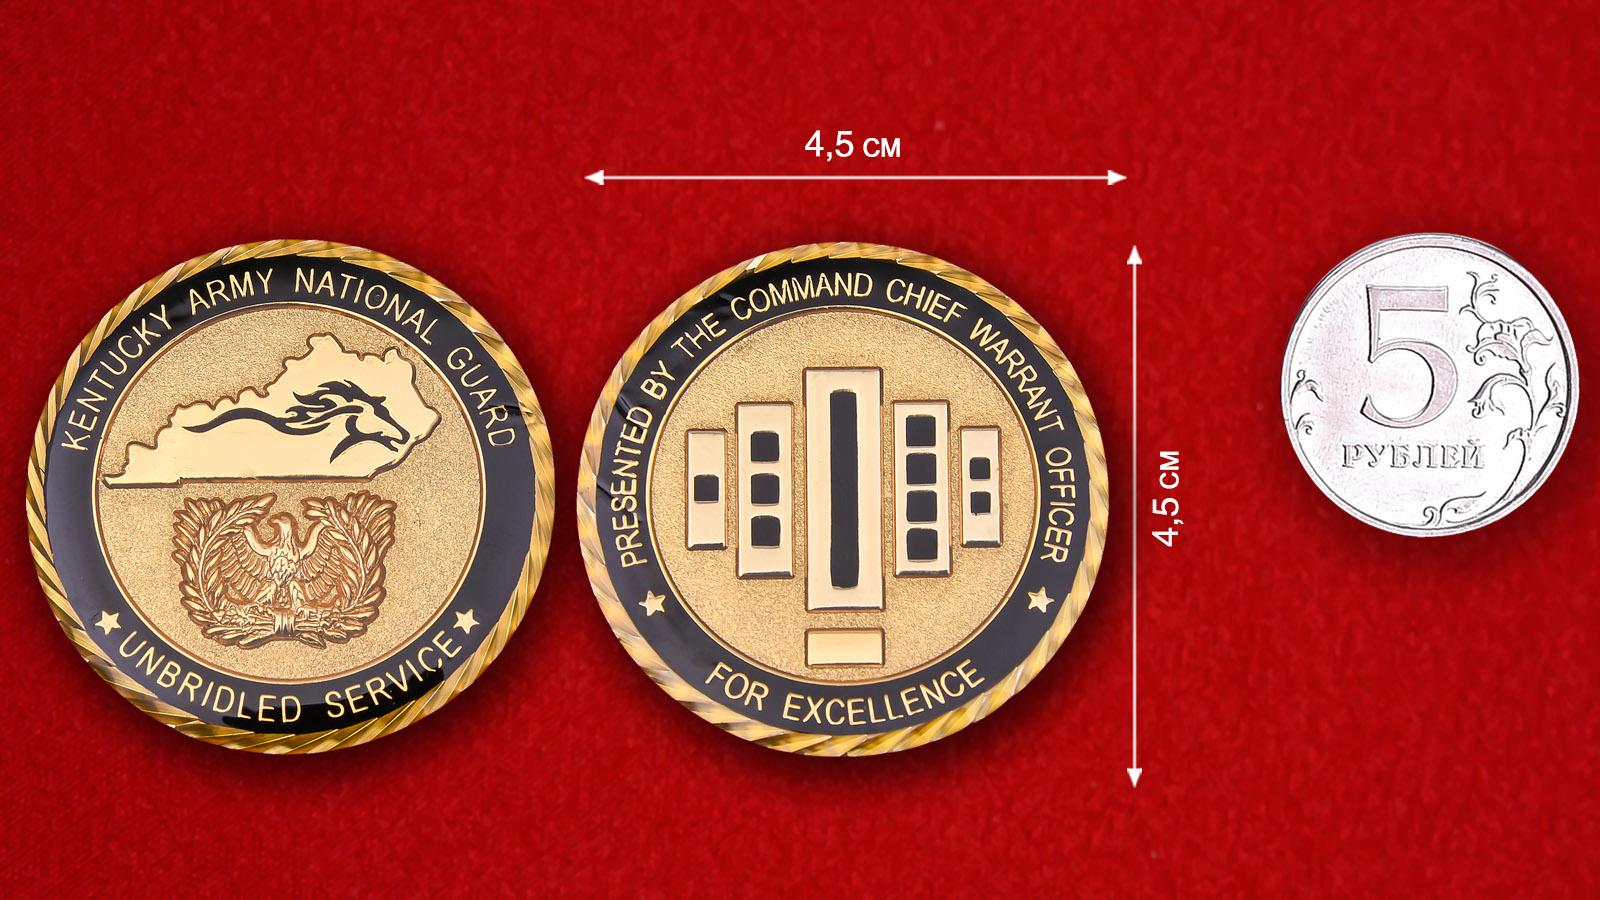 """Челлендж коин """"За отличную службу"""" Национальной гвардии Кентукки - сравнительный размер"""